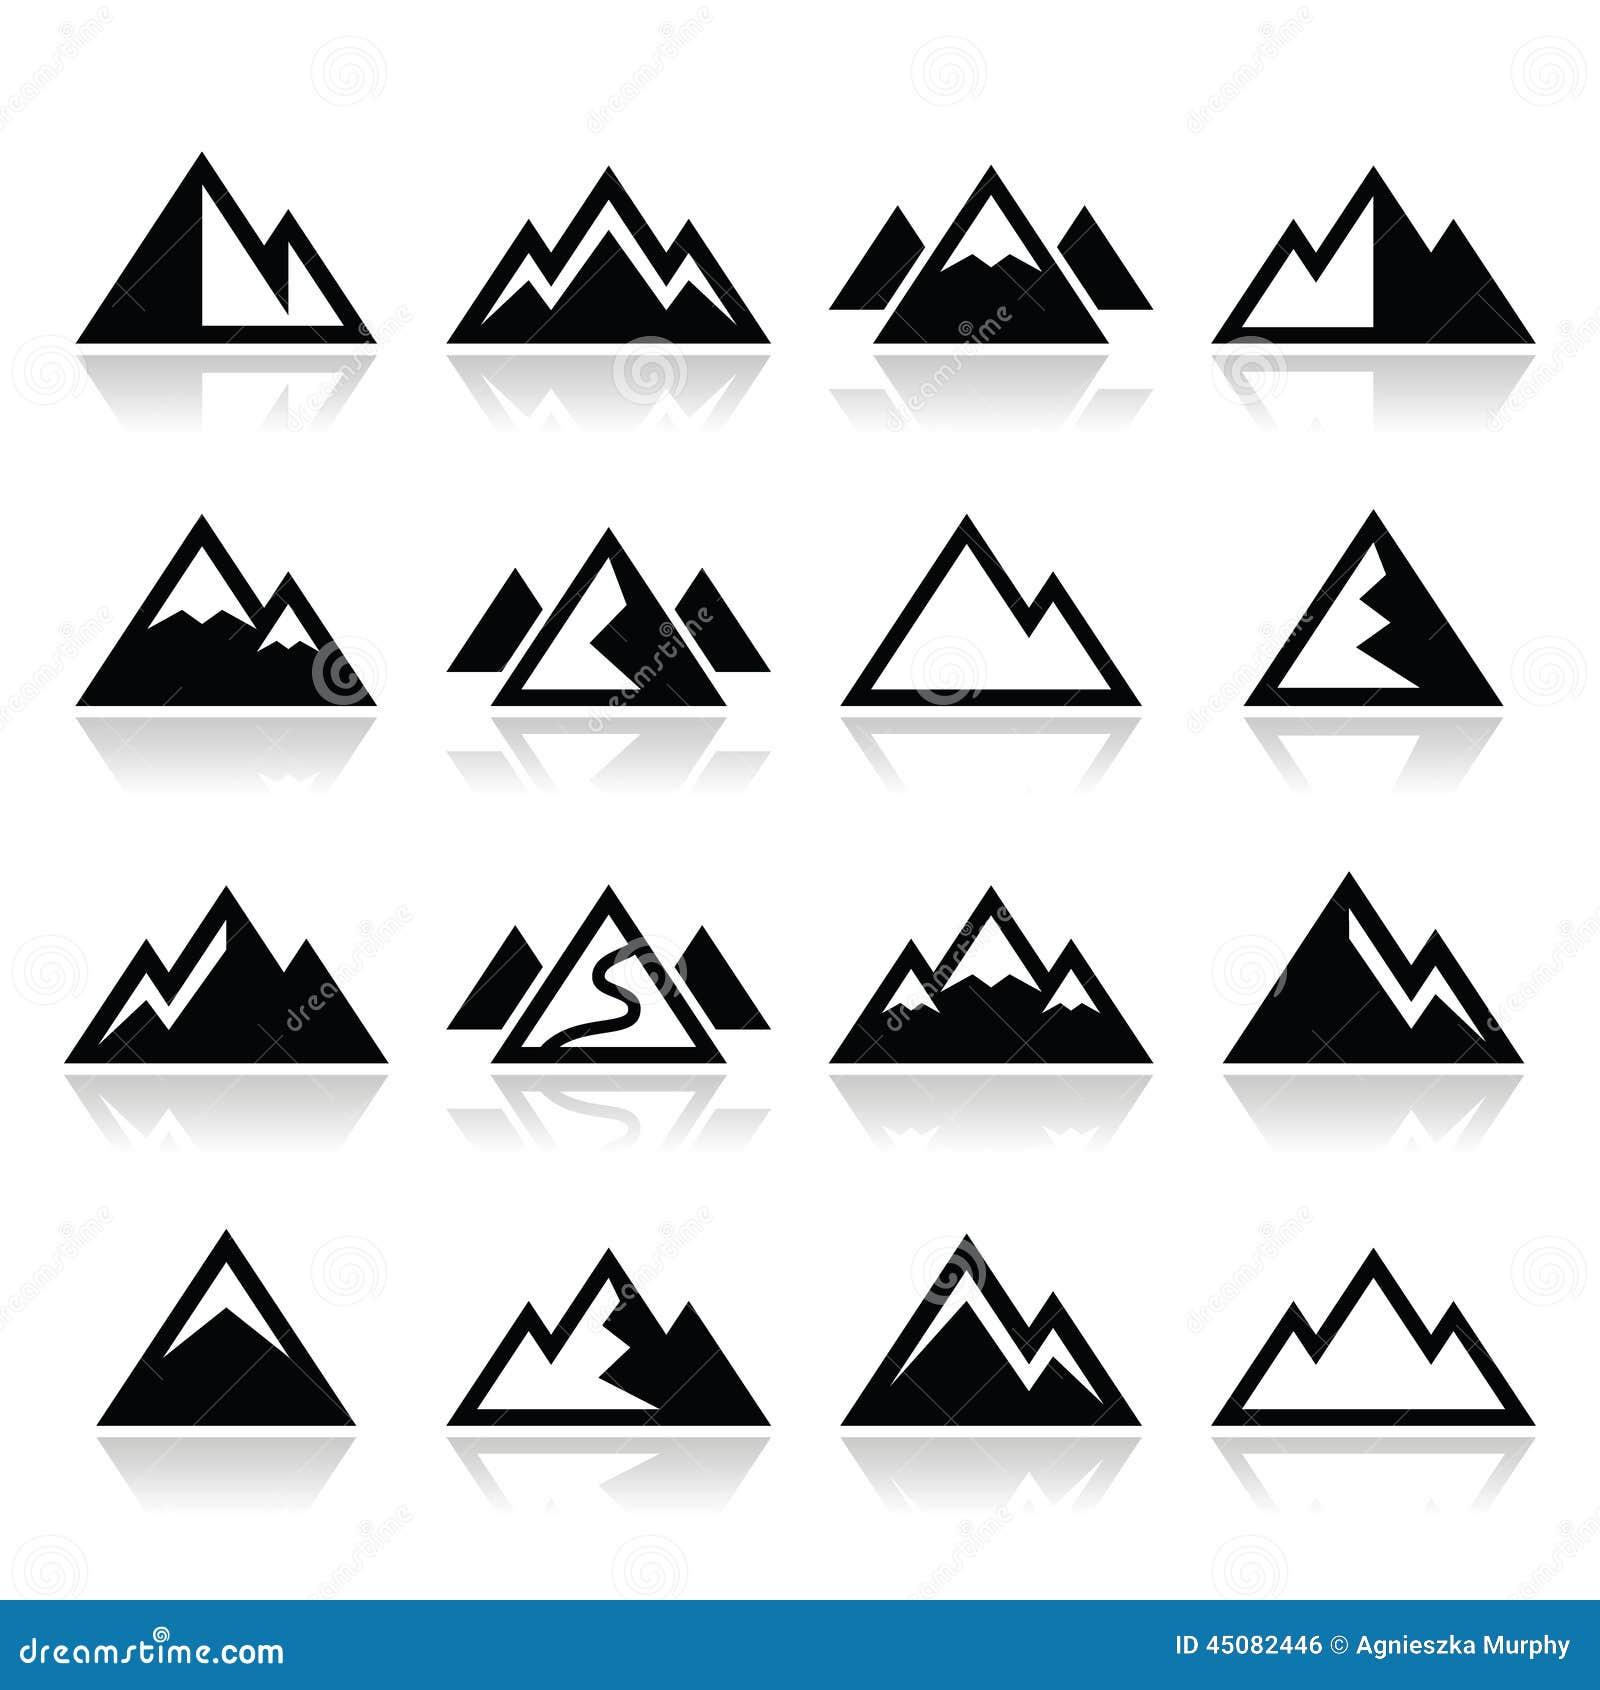 free vector clipart mountain - photo #41